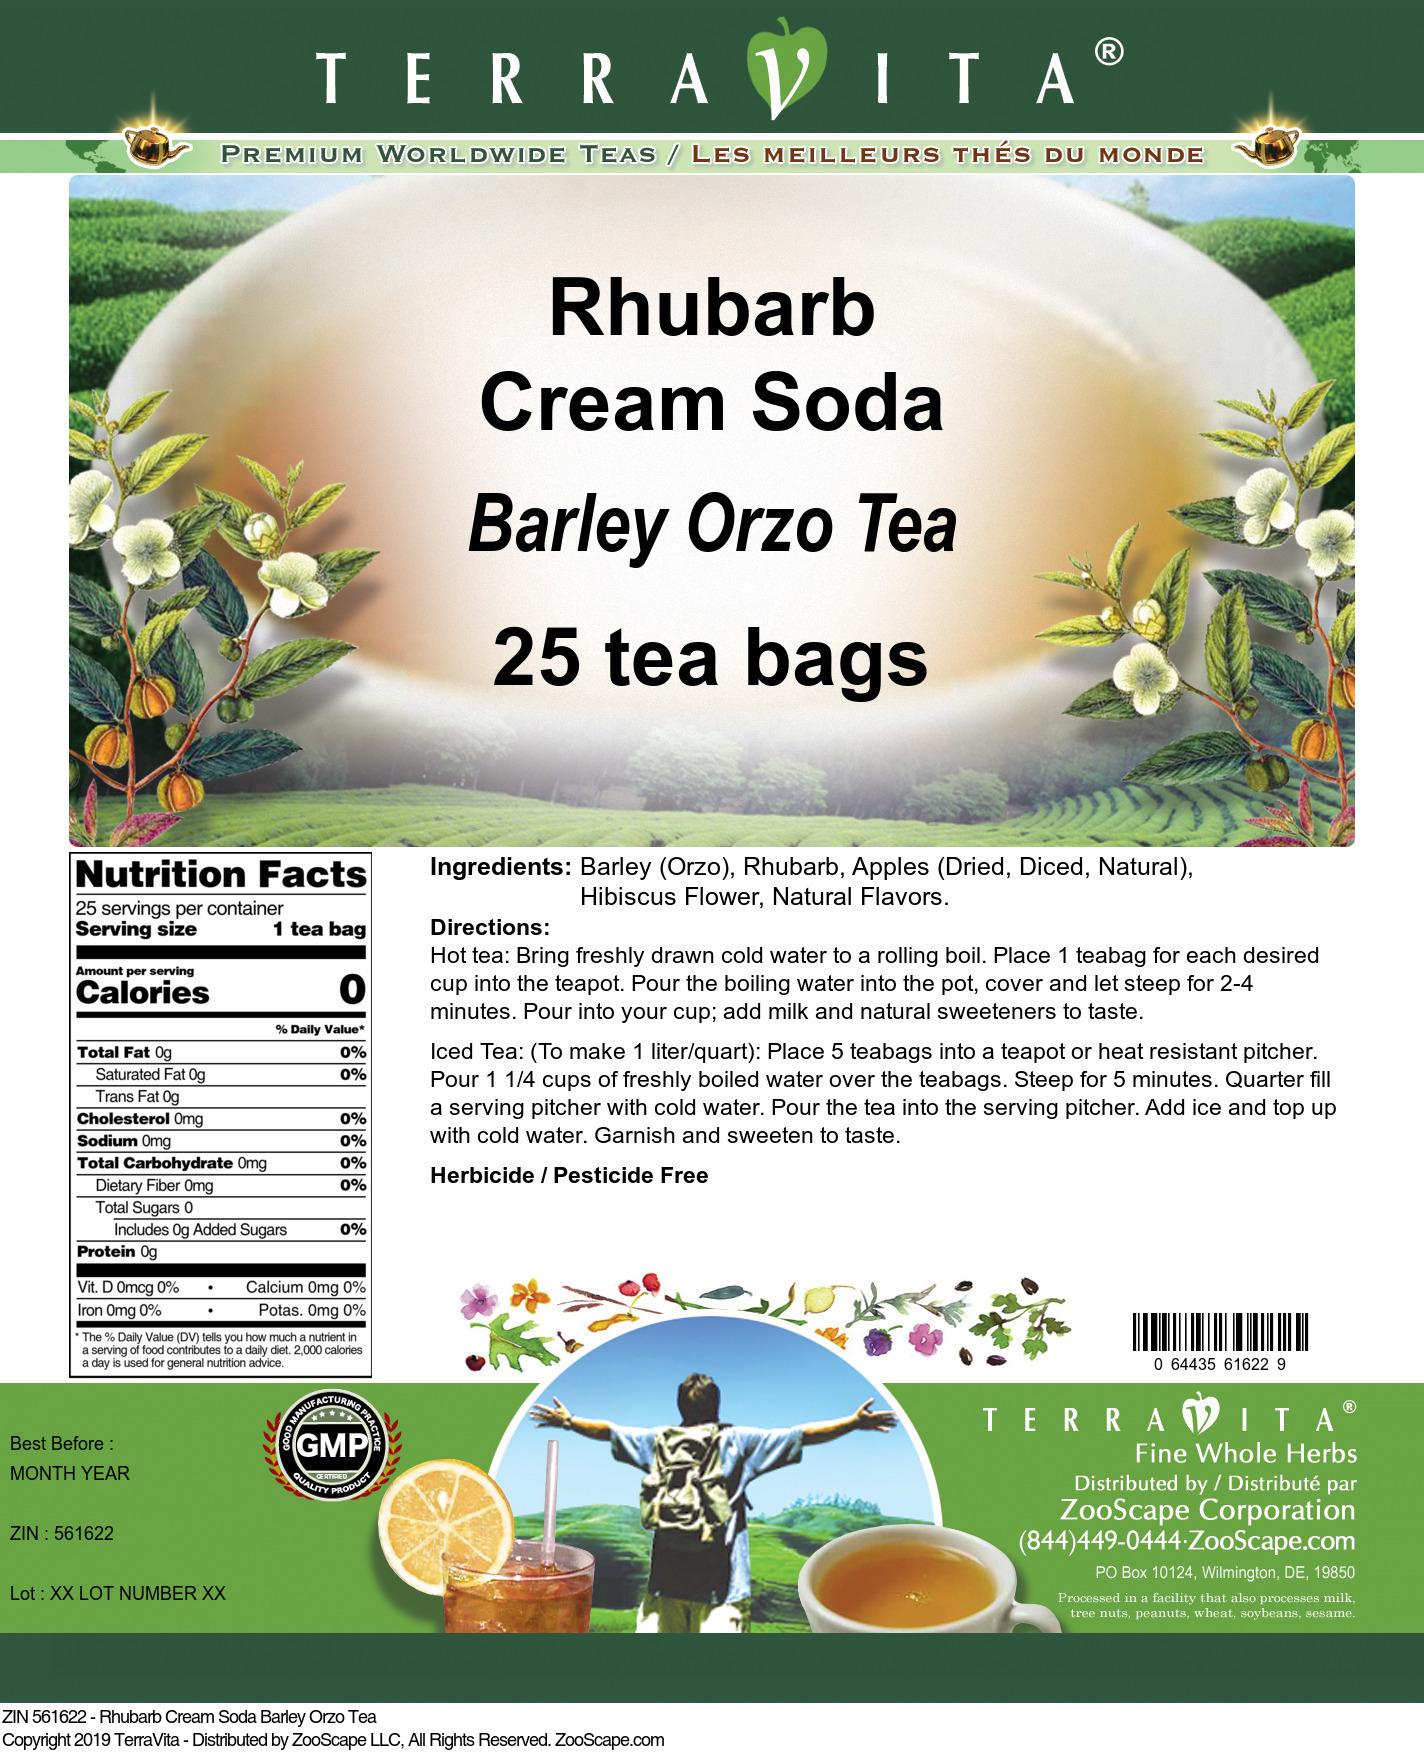 Rhubarb Cream Soda Barley Orzo Tea